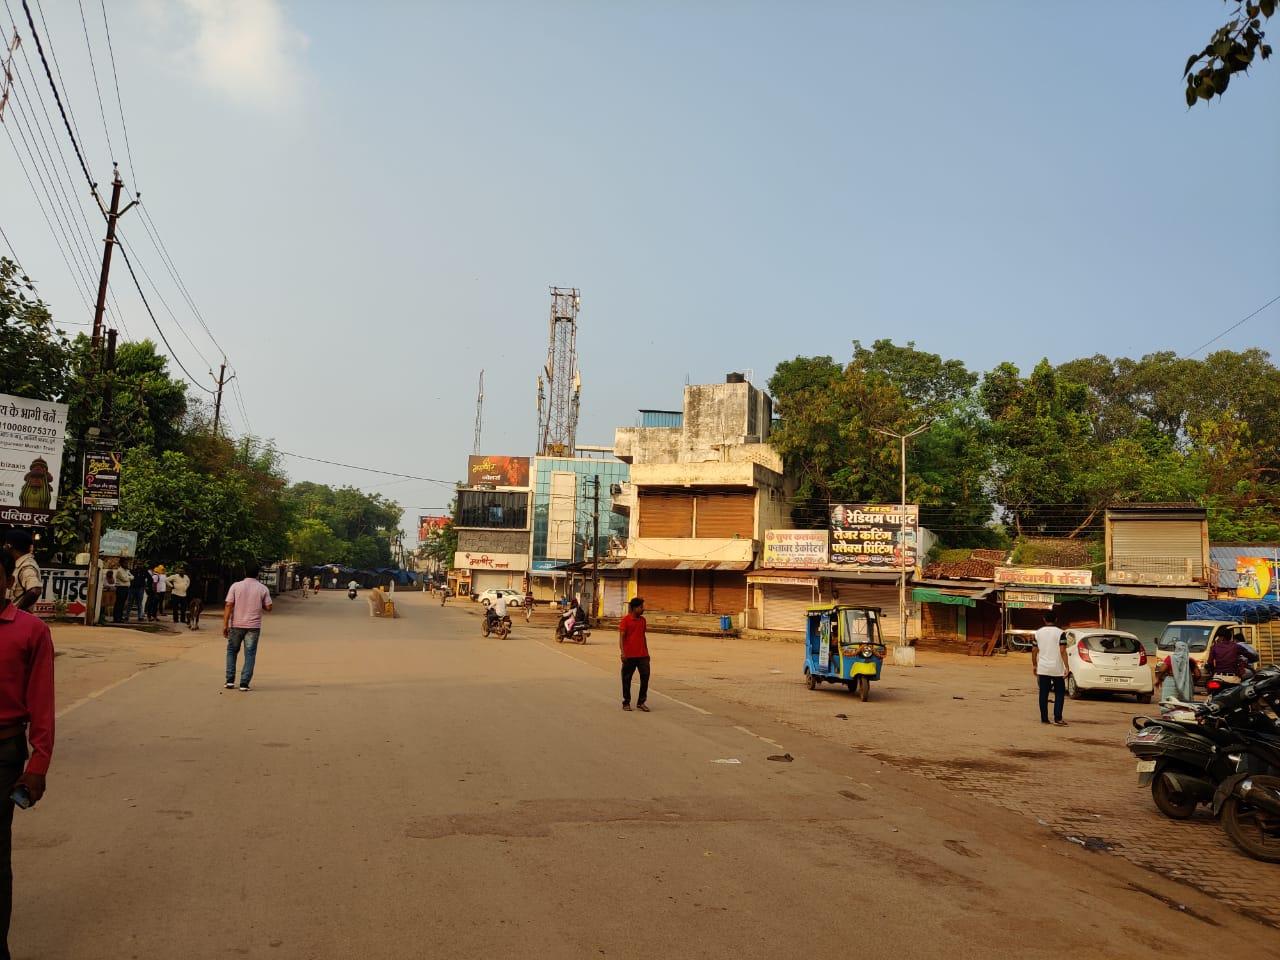 कवर्धा को लेकर विश्व हिंदू युवा मंच के विरोध-प्रदर्शन से पहले पुलिस ने बंद कराया बाजार, जिले से मंगाया फोर्स|भिलाई,Bhilai - Dainik Bhaskar